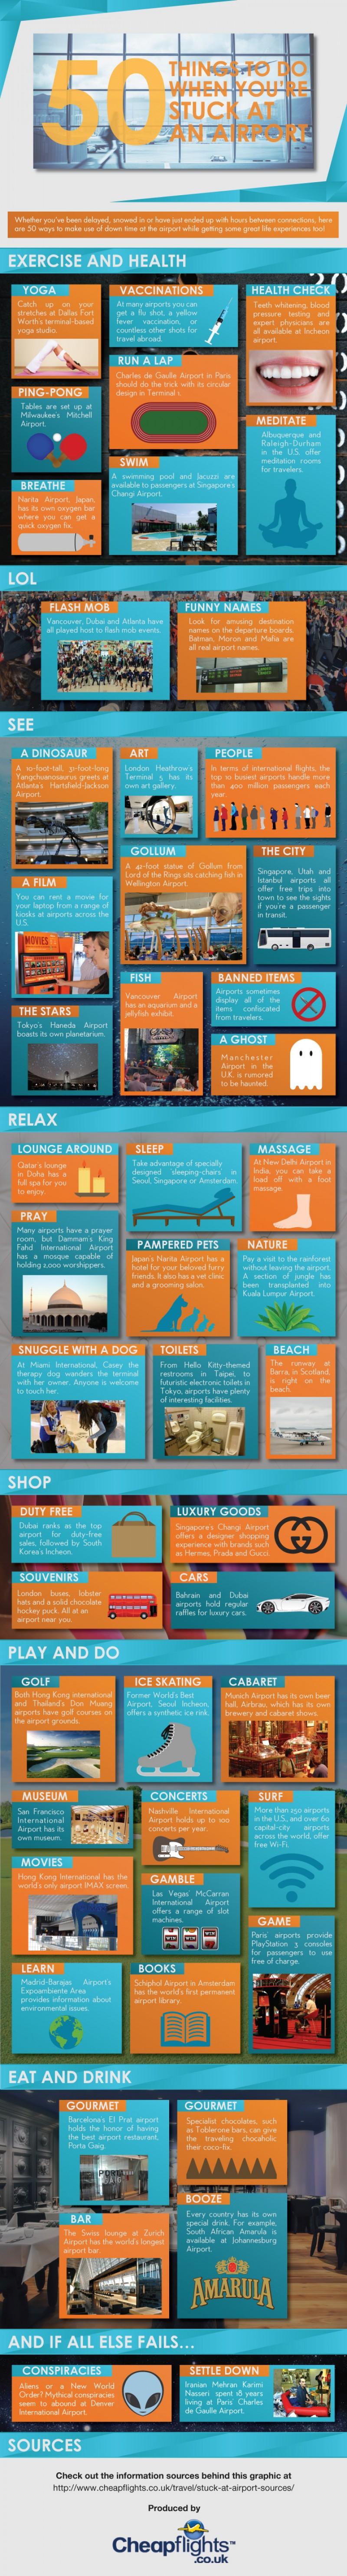 50 cosas para hacer si estás atrapado en un aeropuerto